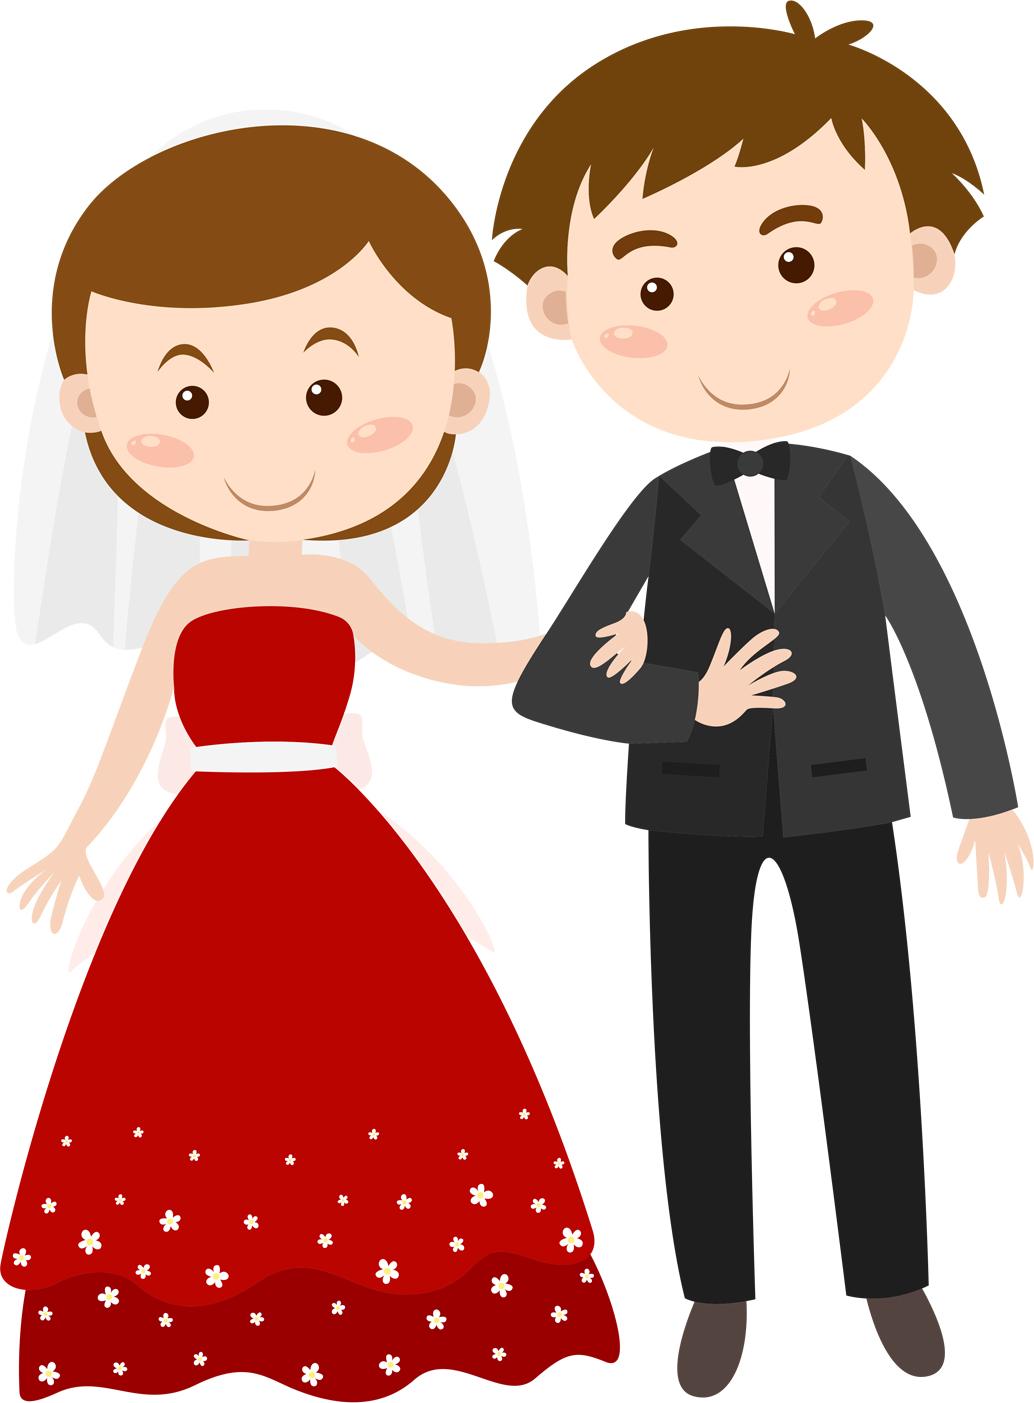 wedding cartoon poster 12 بوستر عريس وعروسة كرتون للفرح